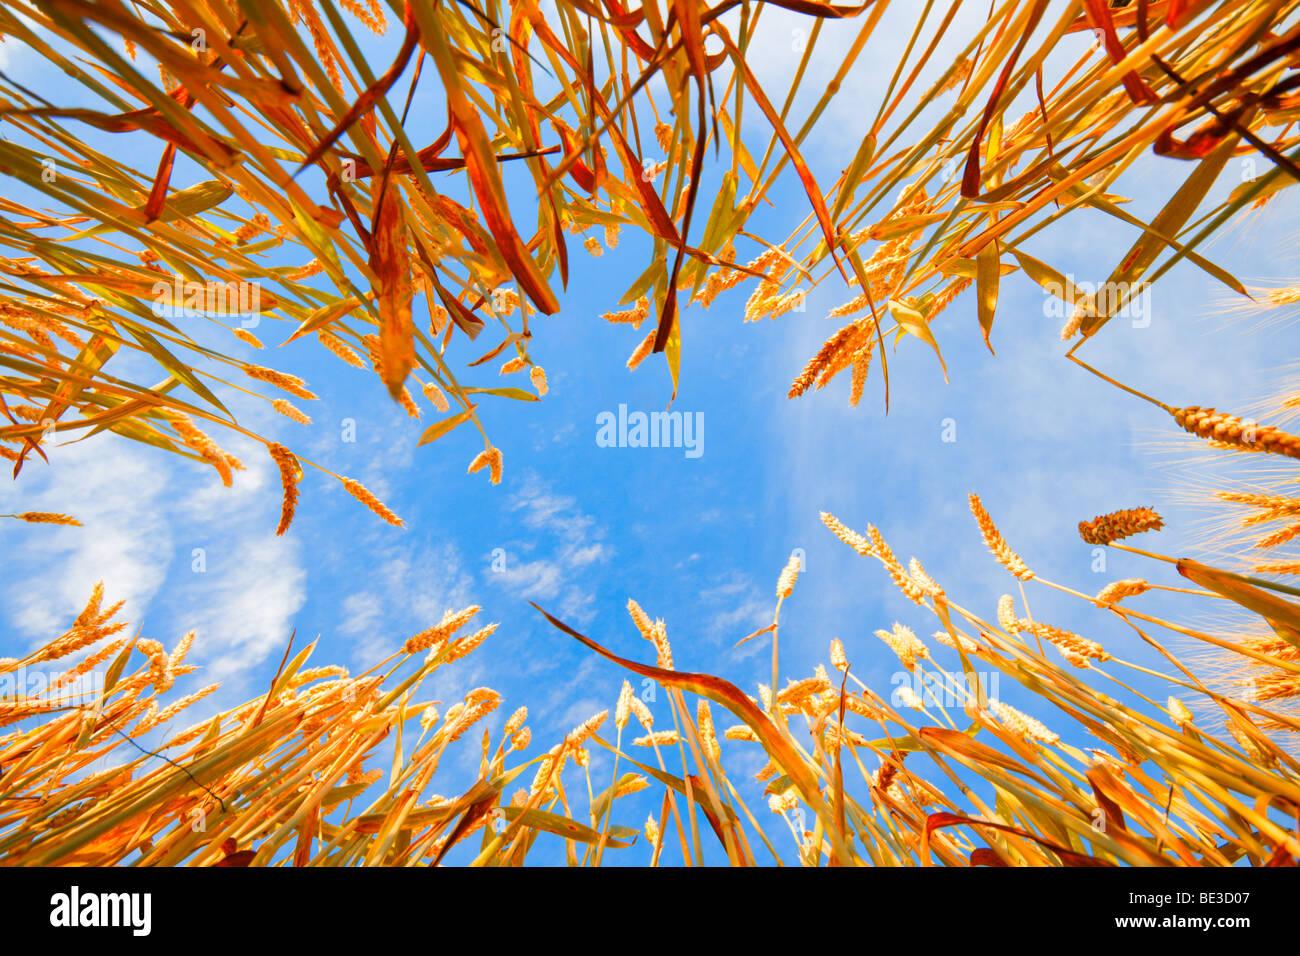 Cielo inquadrata con gli steli di grano Immagini Stock